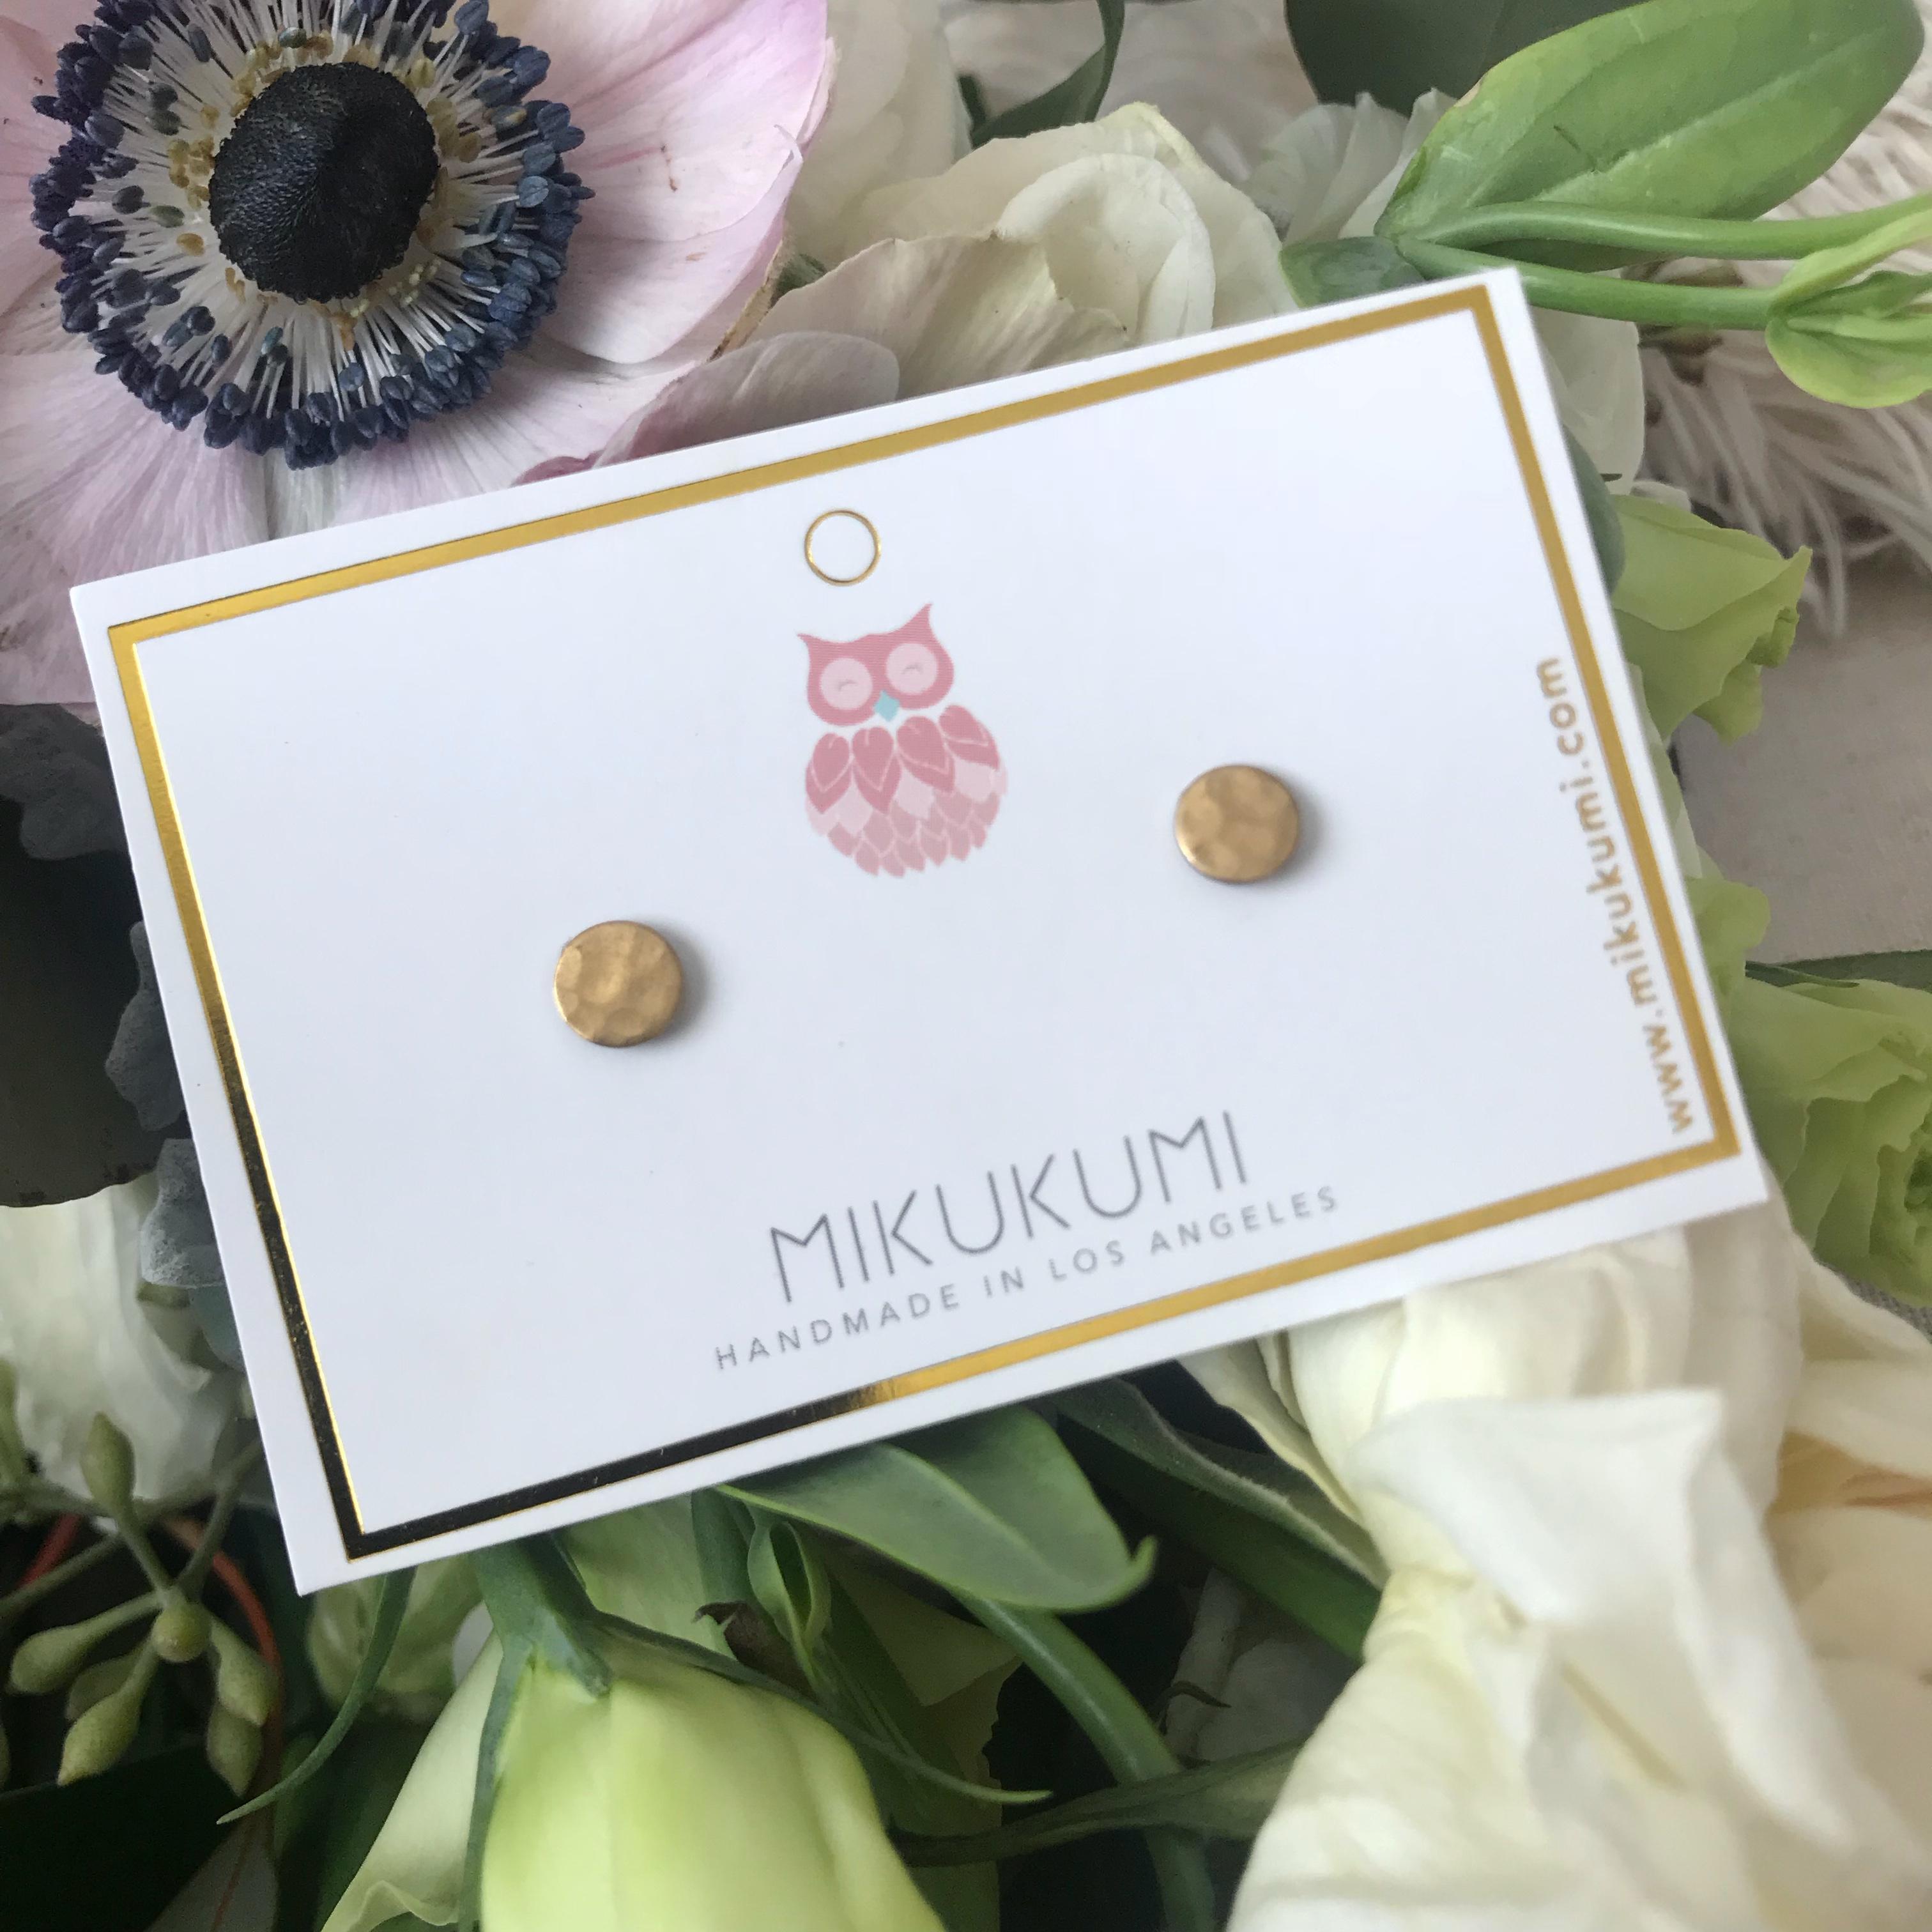 Mikukumi